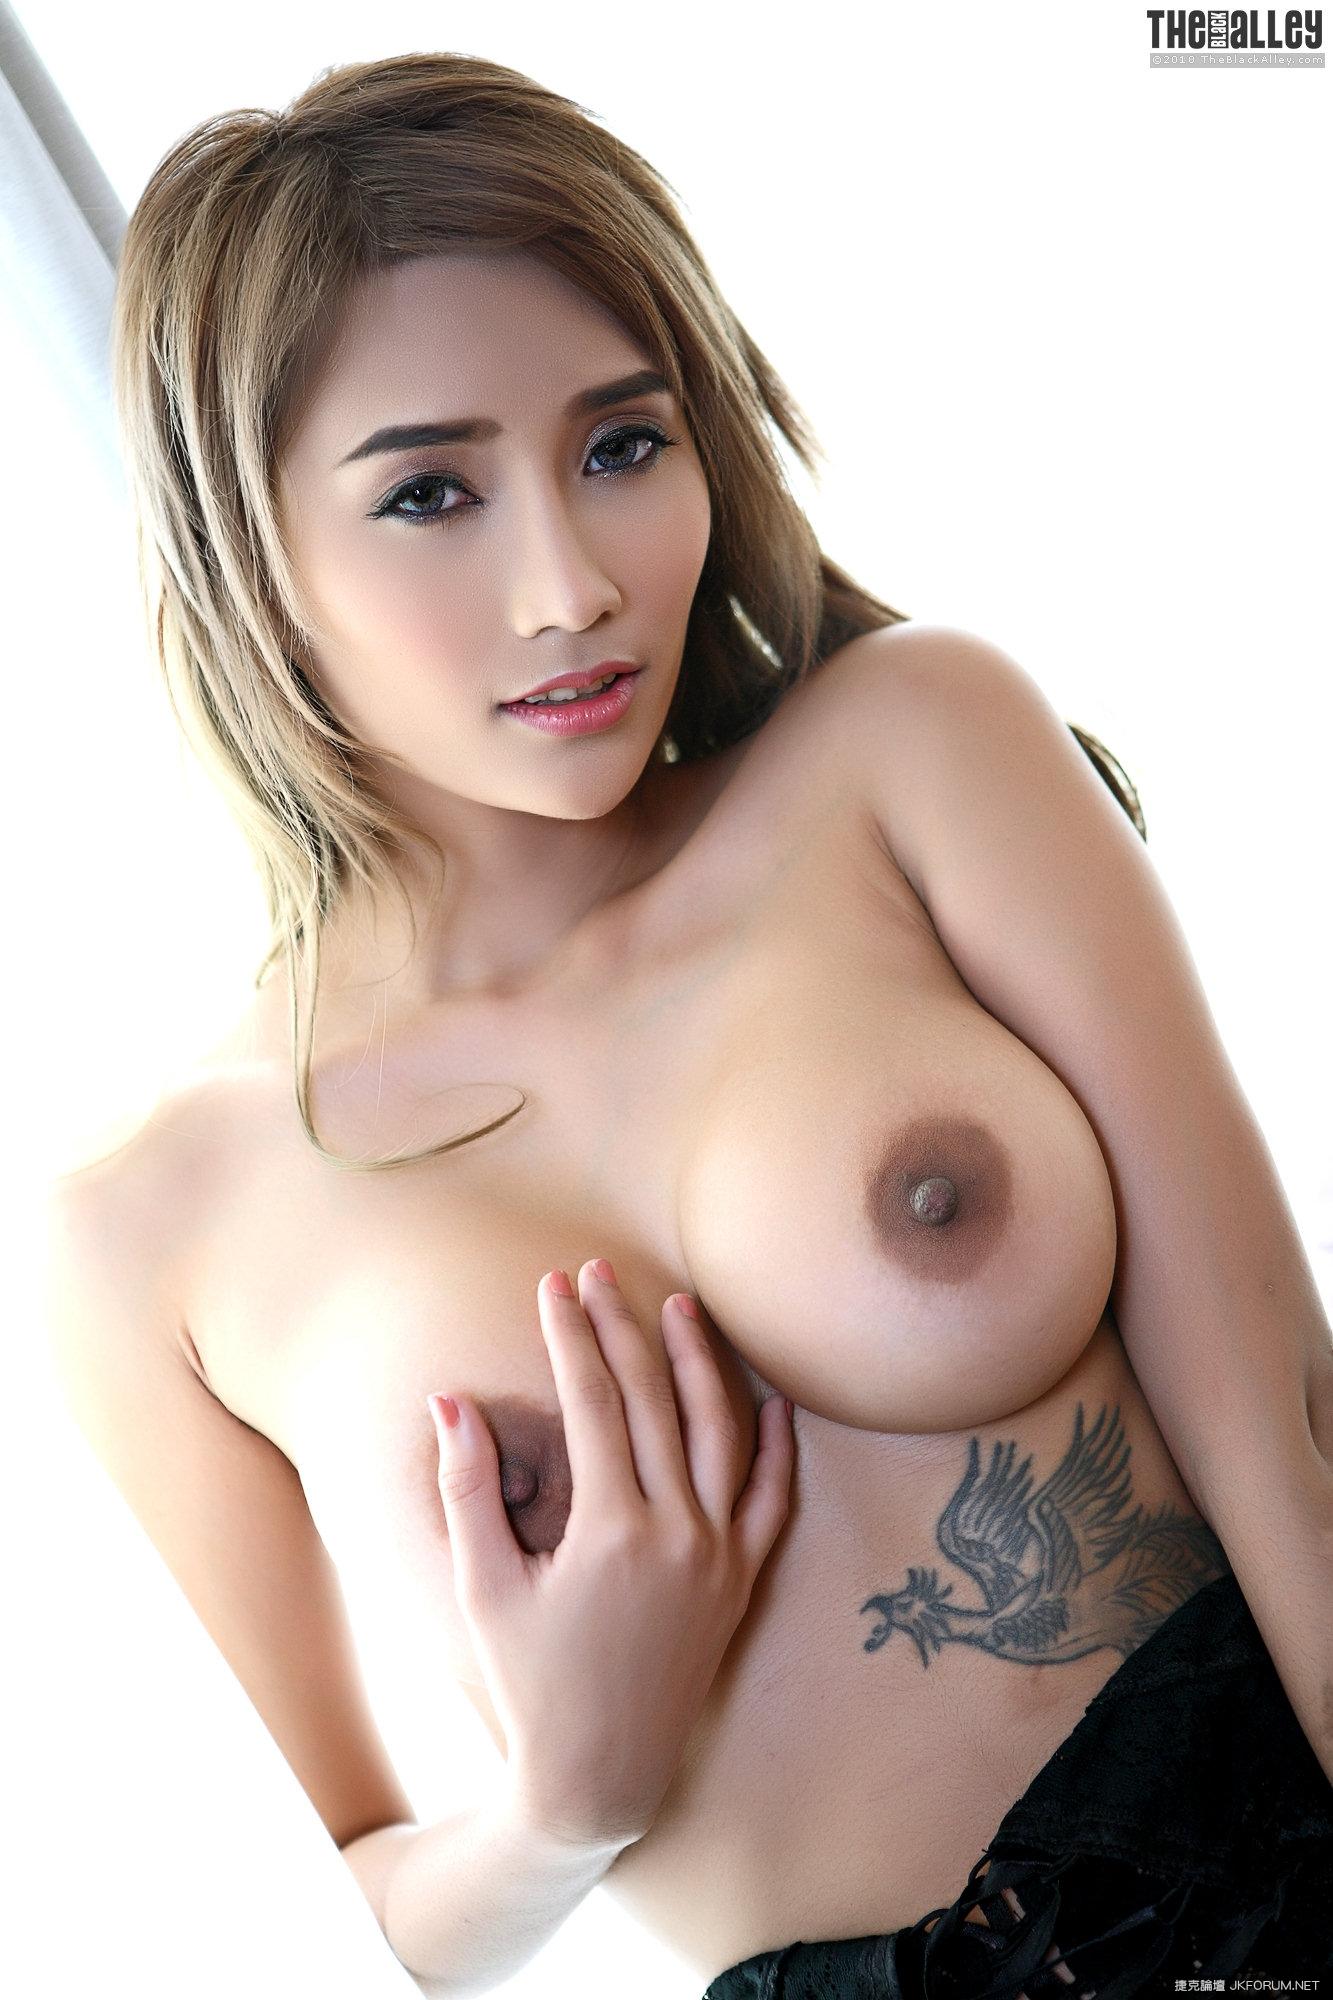 071759nmq4u6vvy78pux83.jpg